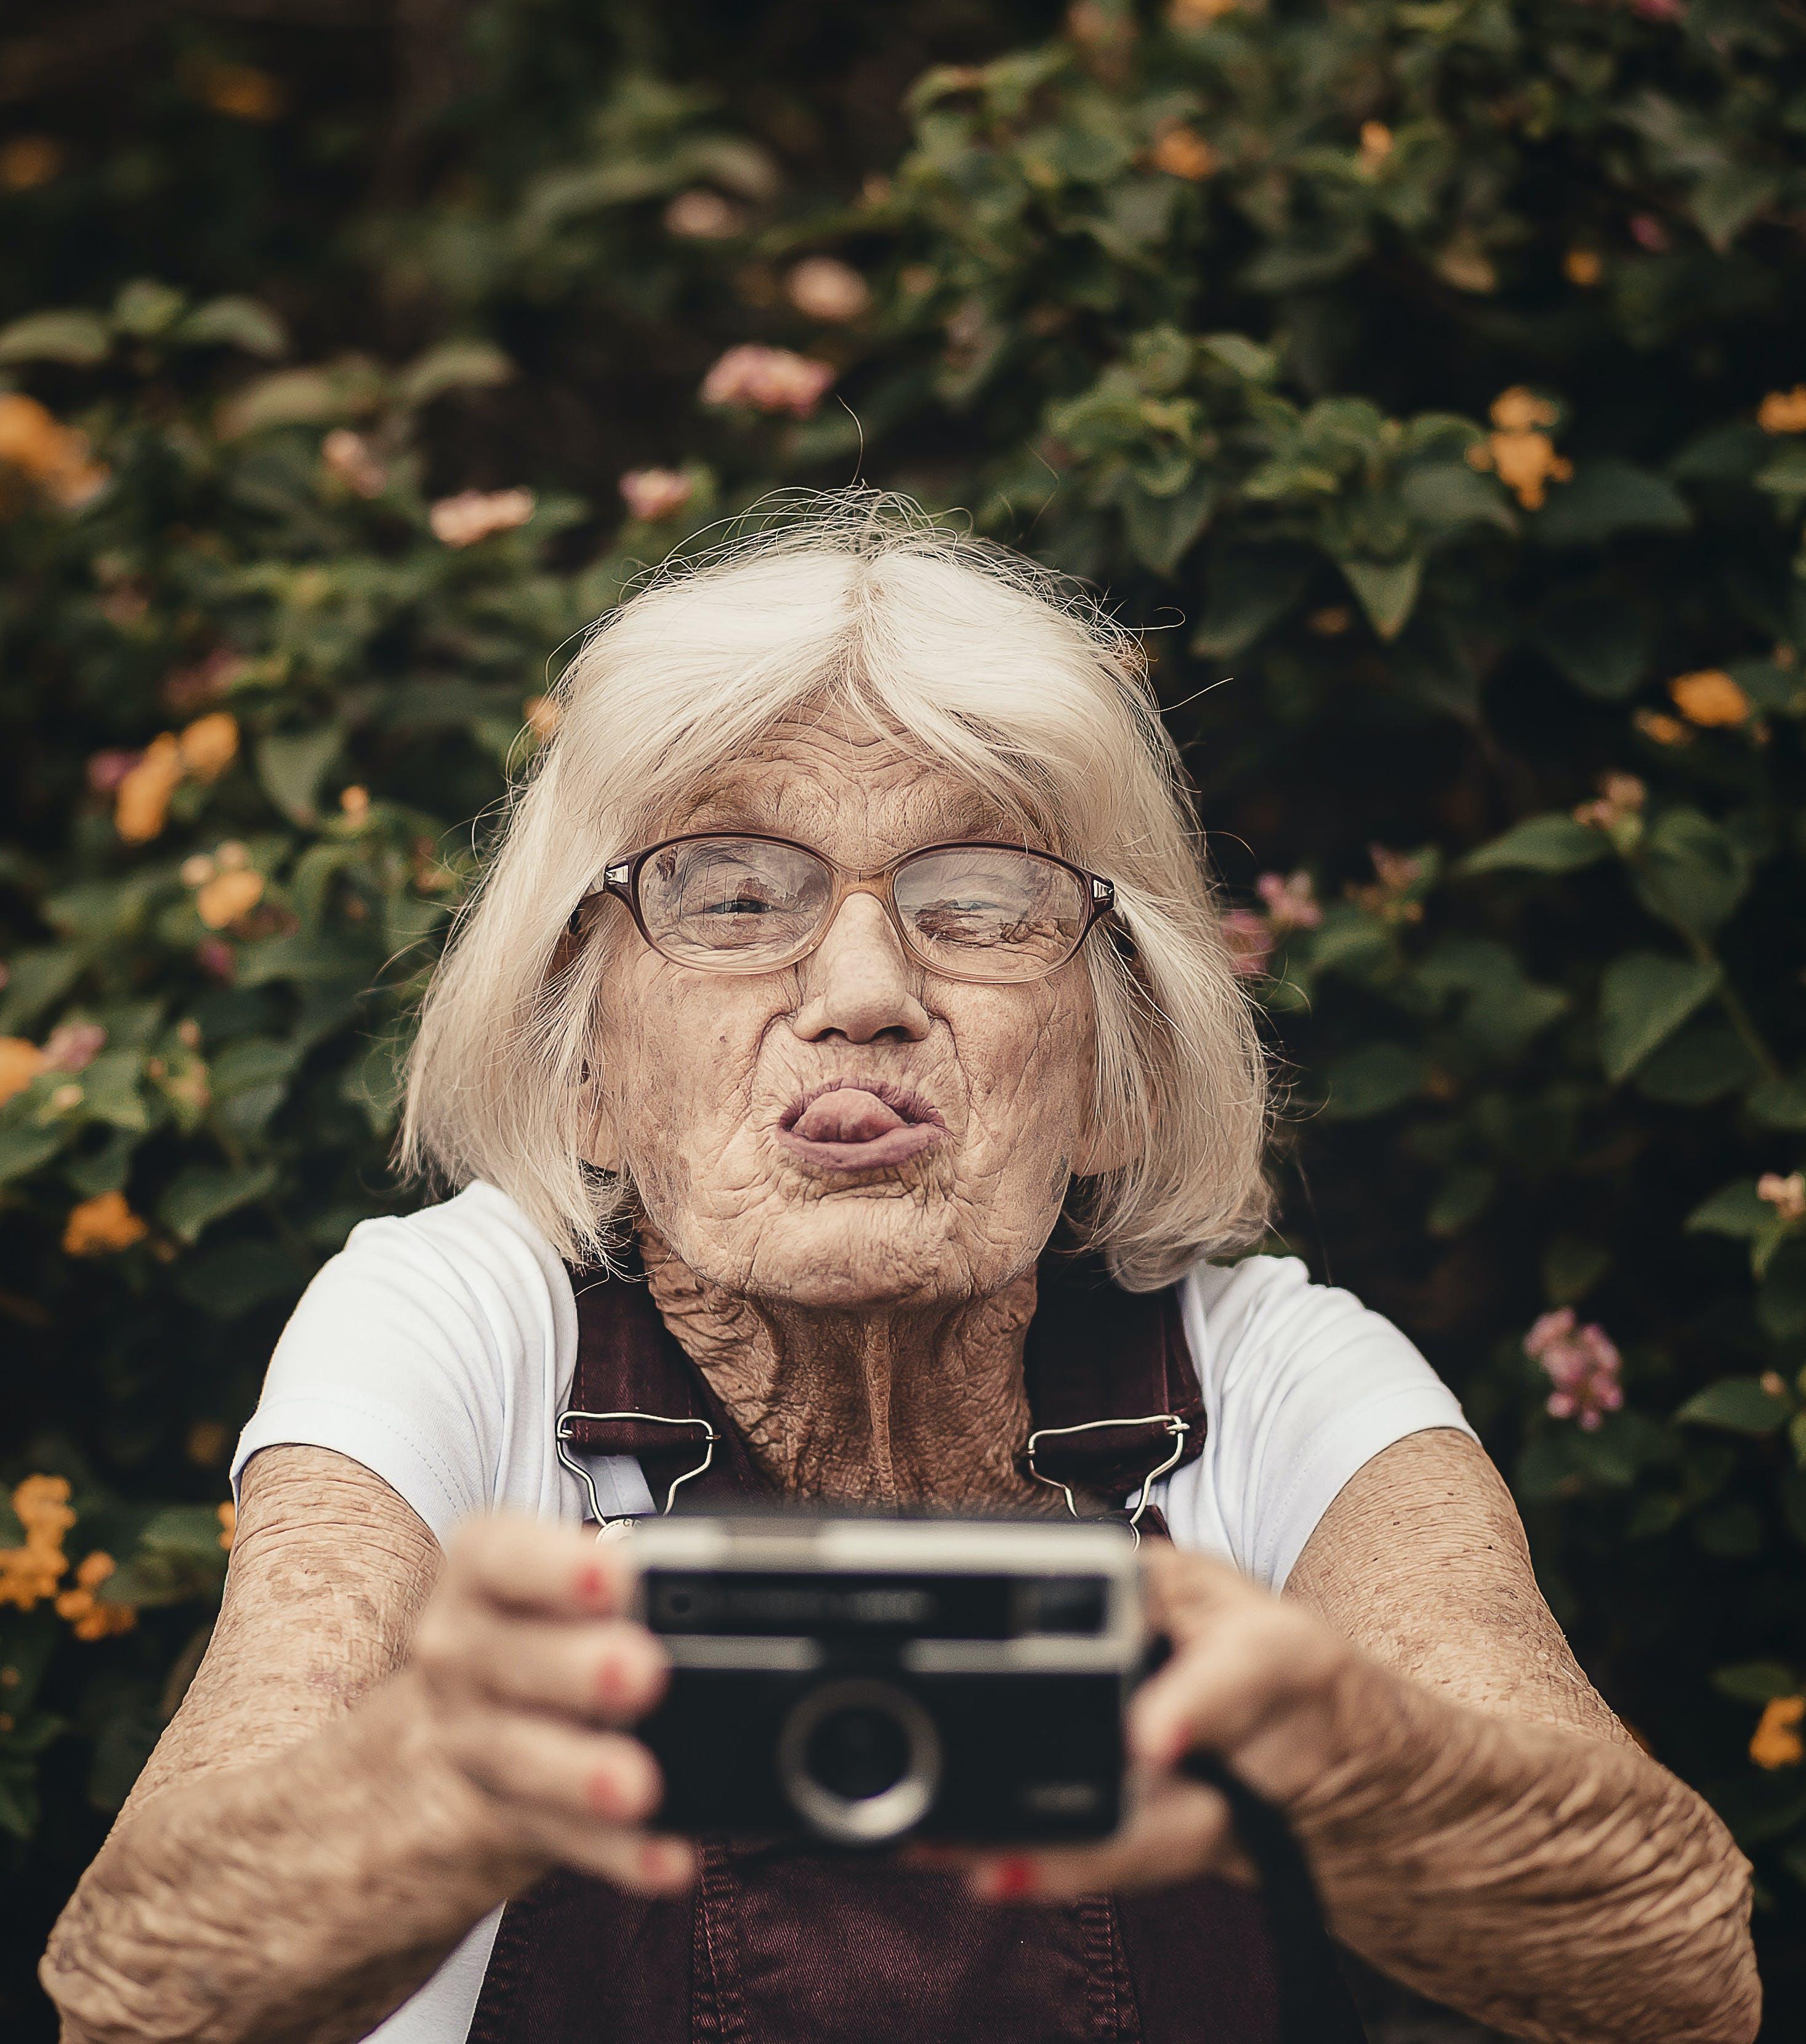 Foto d'estoc gratuïta de ancià, ancians, arrugues, autofoto